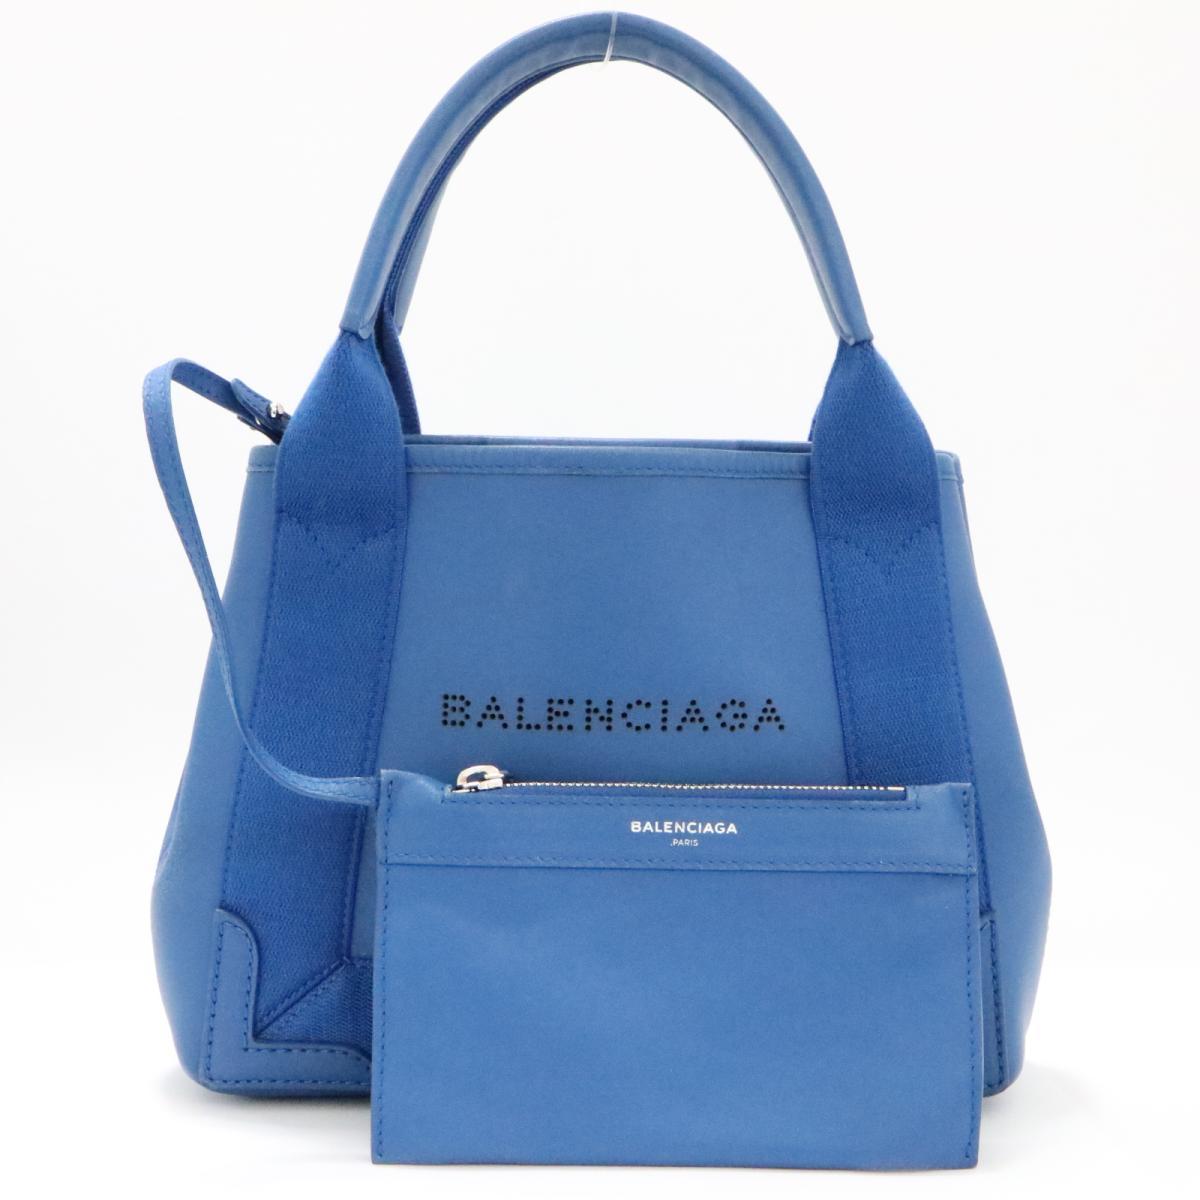 【中古】 バレンシアガ ネイビーカバス XS 2WAY ショルダーバッグ レディース レザー ブルー (390346) | BALENCIAGA ショルダーバック ショルダー 肩がけ バッグ バック BAG カバン 鞄 ブランドバッグ ブランドバック 美品 ブランドオフ